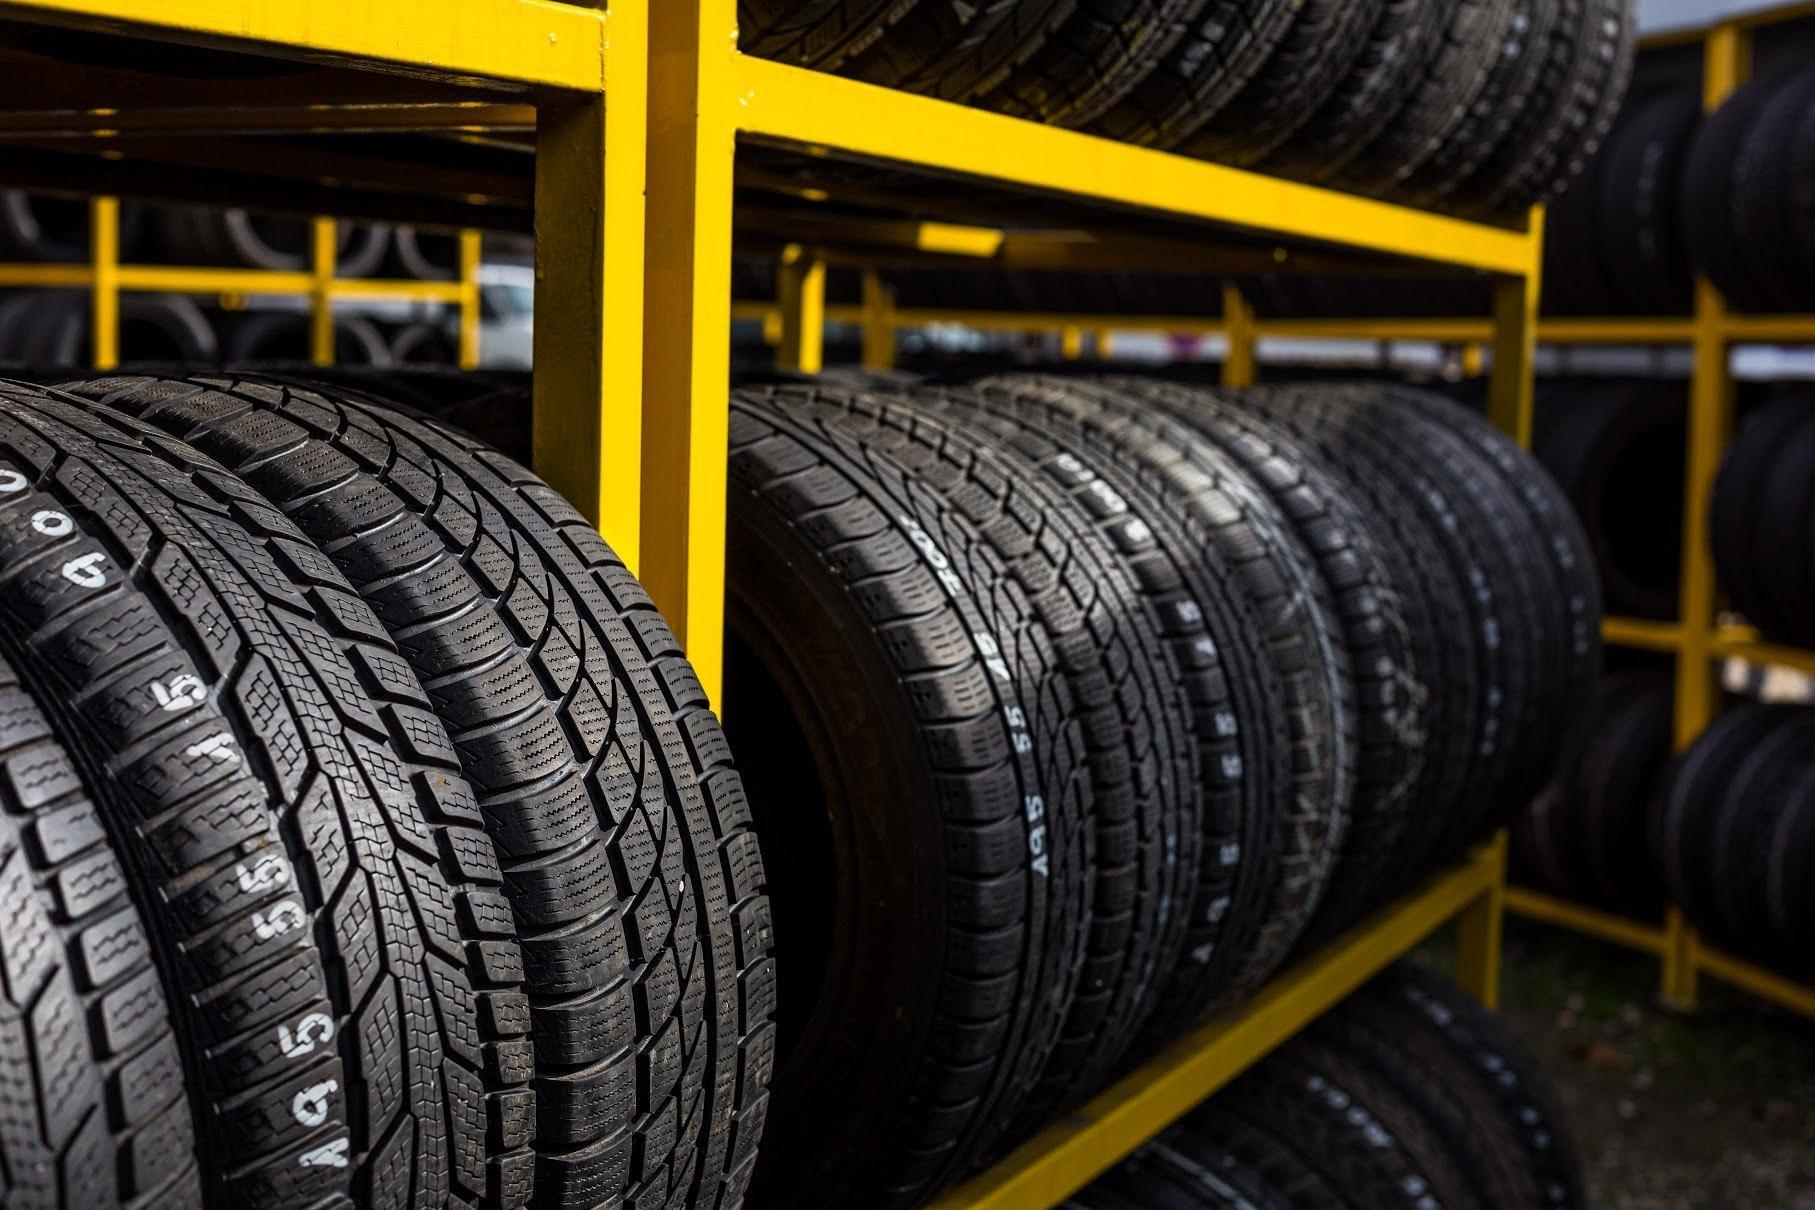 pneus, empresas do setor pneus, empresas do segmento pneus, setor pneus, segmento pneus, economia, macroeconomia